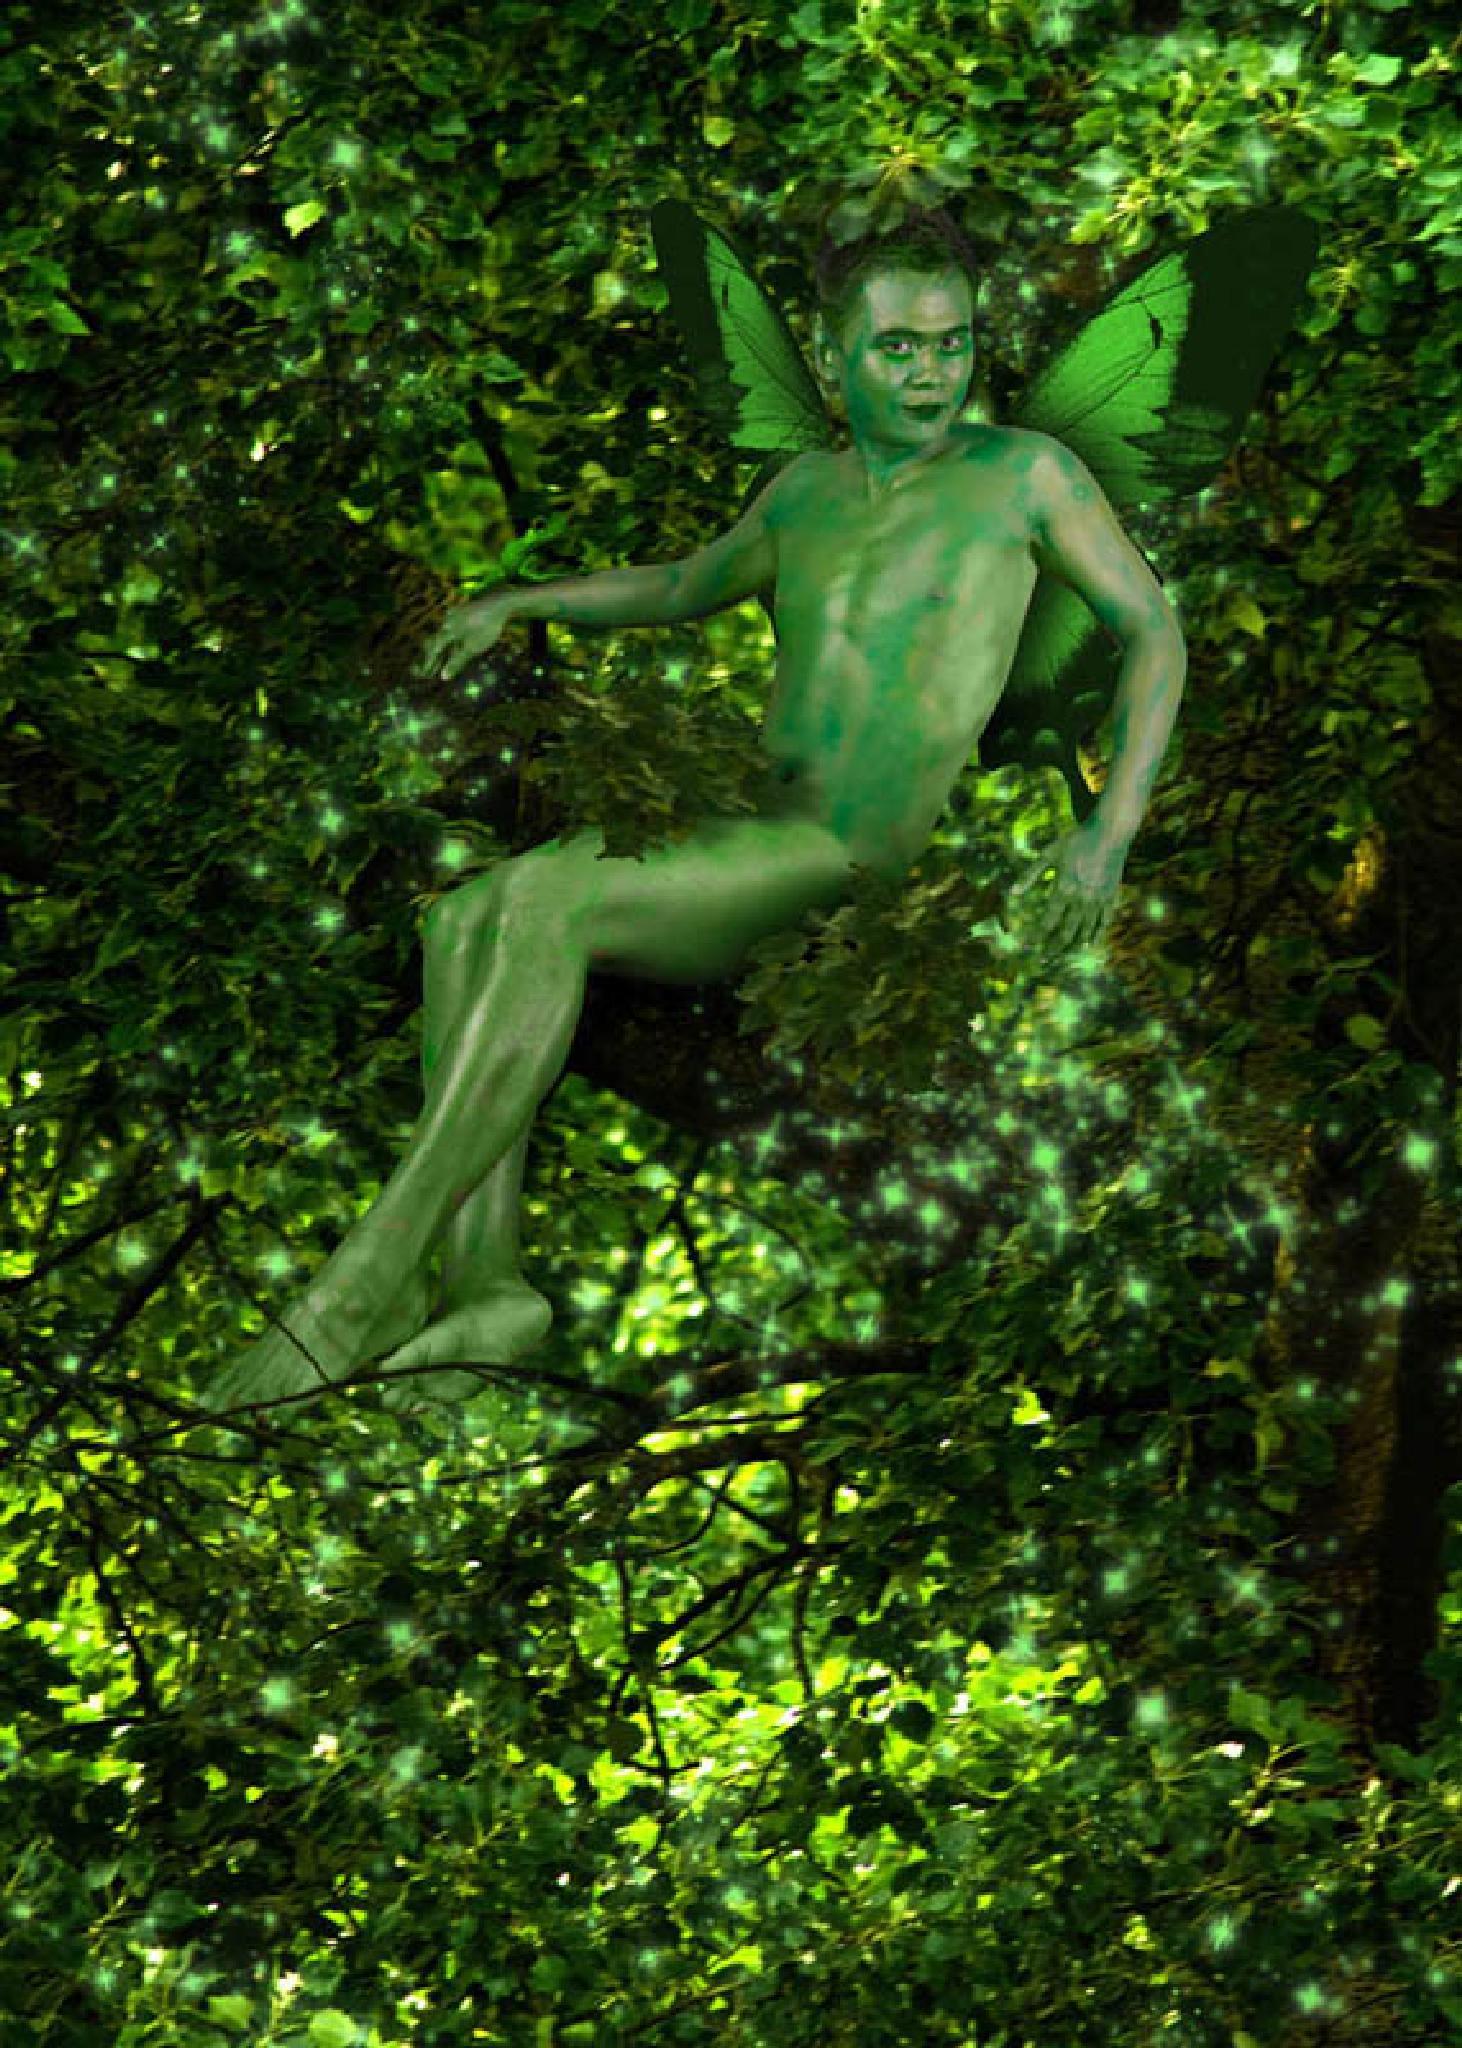 Mr Green by harald.seiwert